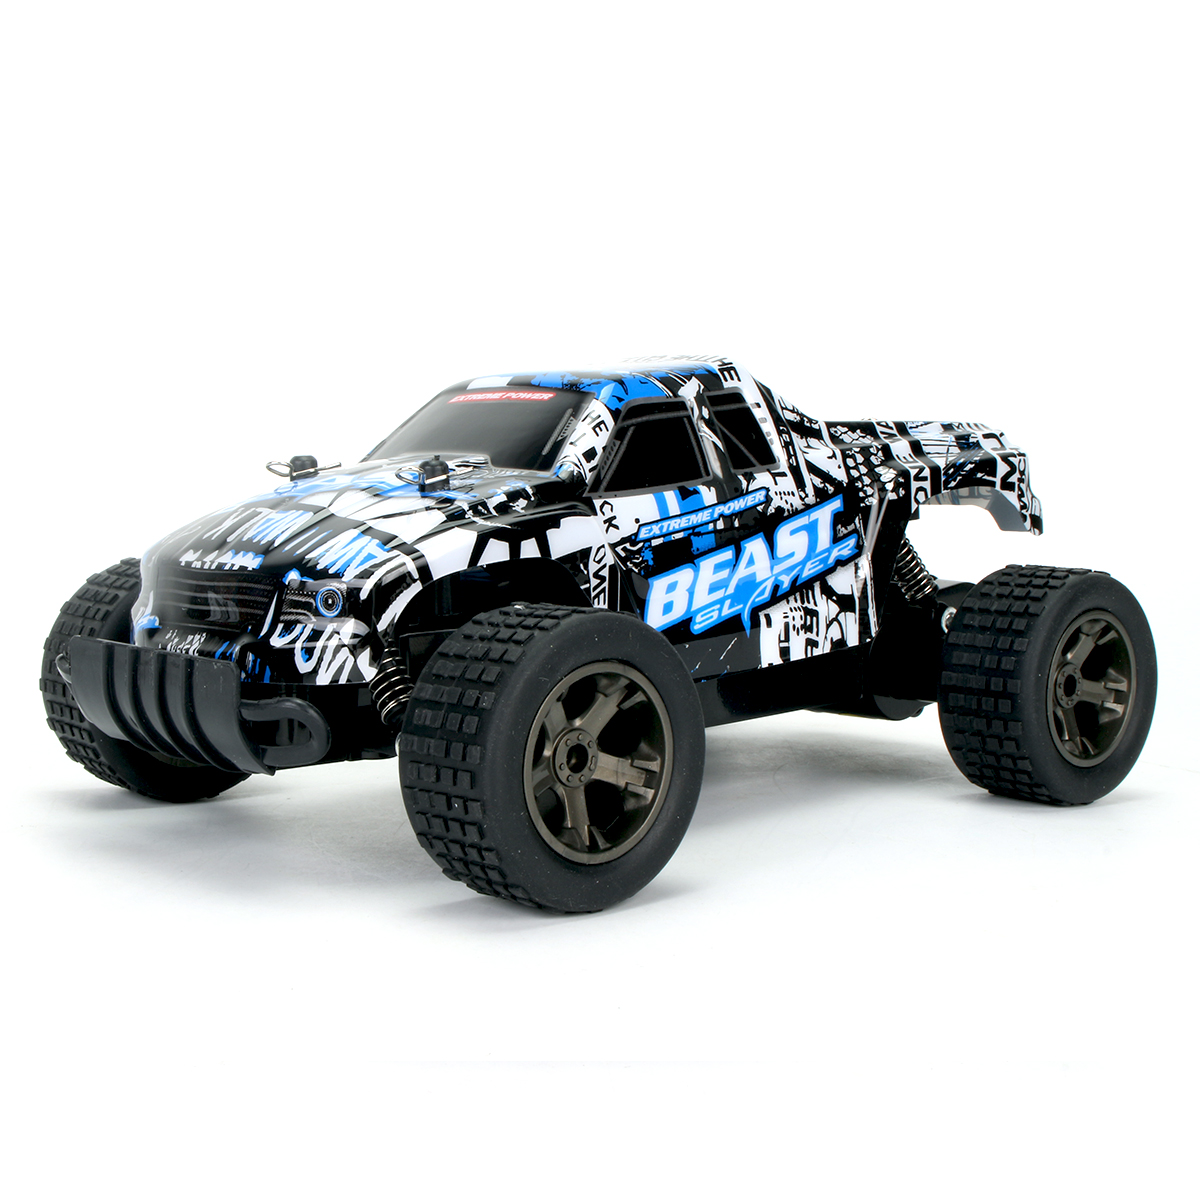 Радиоуправляемый автомобиль 2,4G 20 км/ч высокоскоростной гоночный автомобиль для скалолазания с дистанционным управлением автомобиль 1:20 Ра...